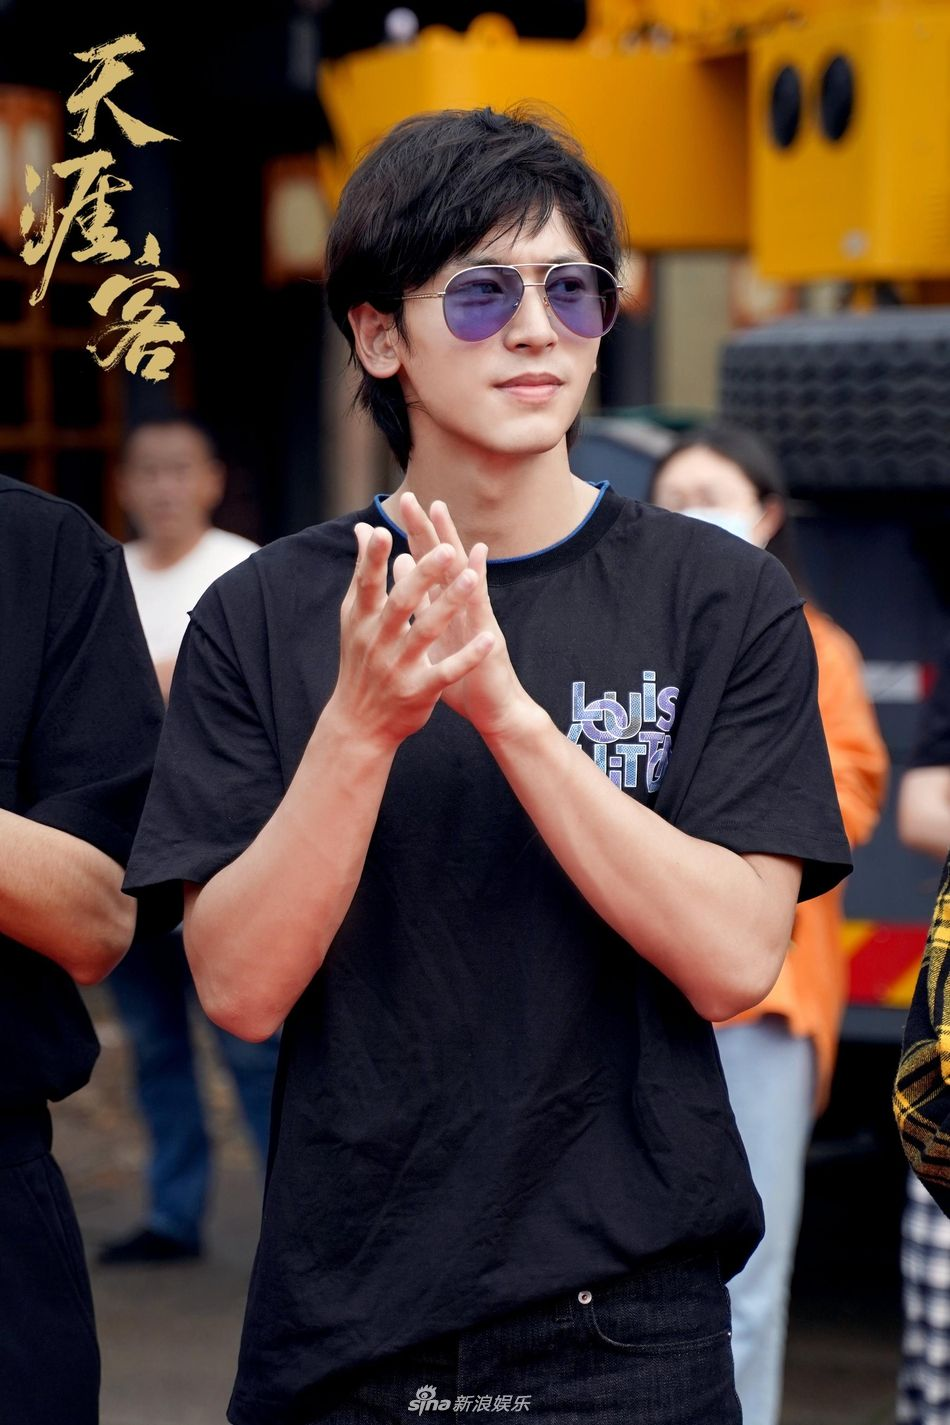 """EZqJ420XkAA72jI?format=jpg&name=large Zhang Zhehan and Gong Jun To Star in """"Tian Ya Ke"""", the Drama Adaptation of BL Novel """"Faraway Wanderers"""" by Priest"""